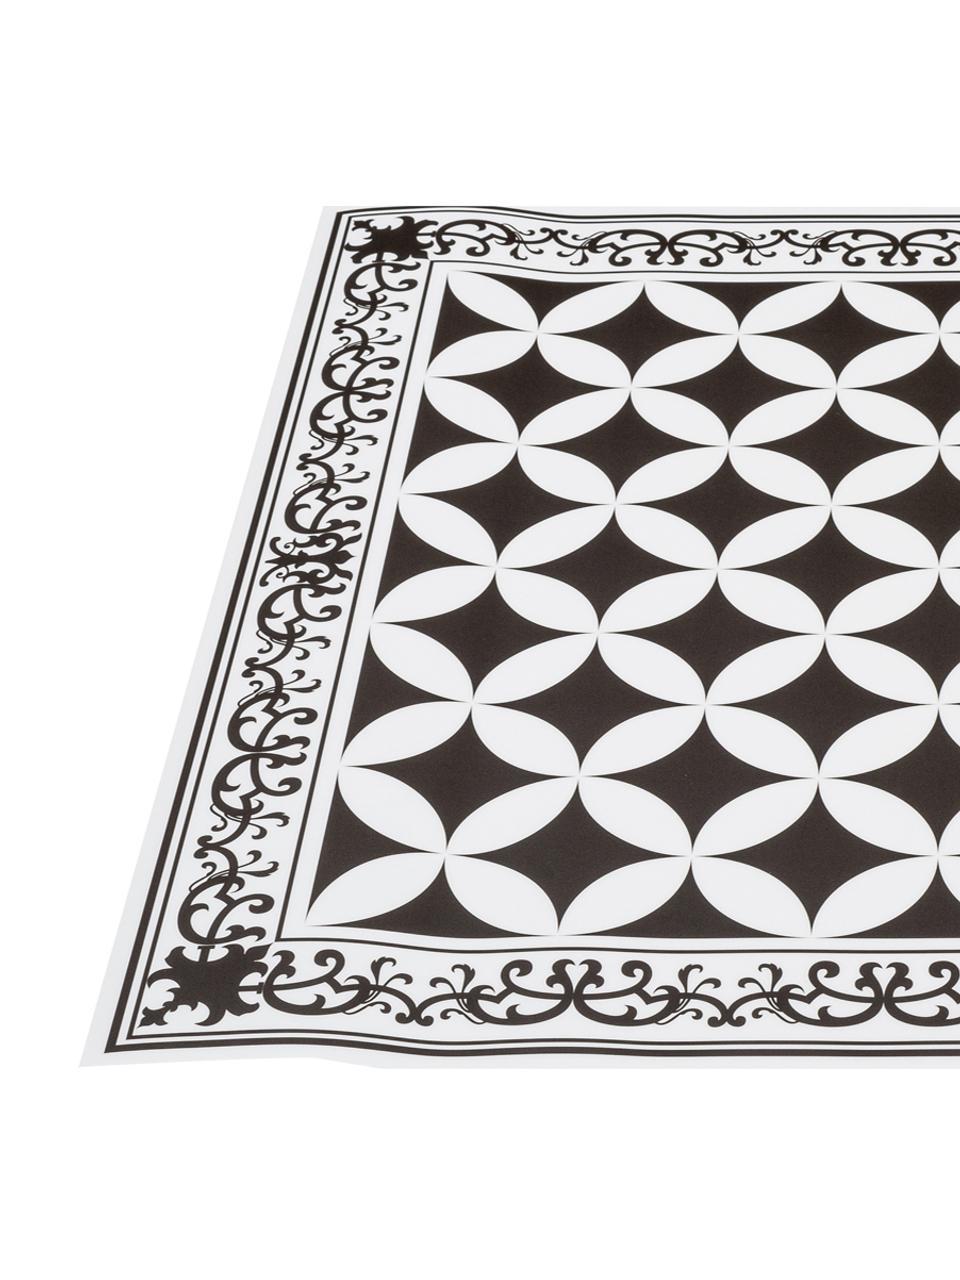 Tappetino antiscivolo nero/bianco in vinile Chadi, Vinile riciclabile, Nero, bianco, Larg. 136 x Lung. 203 cm